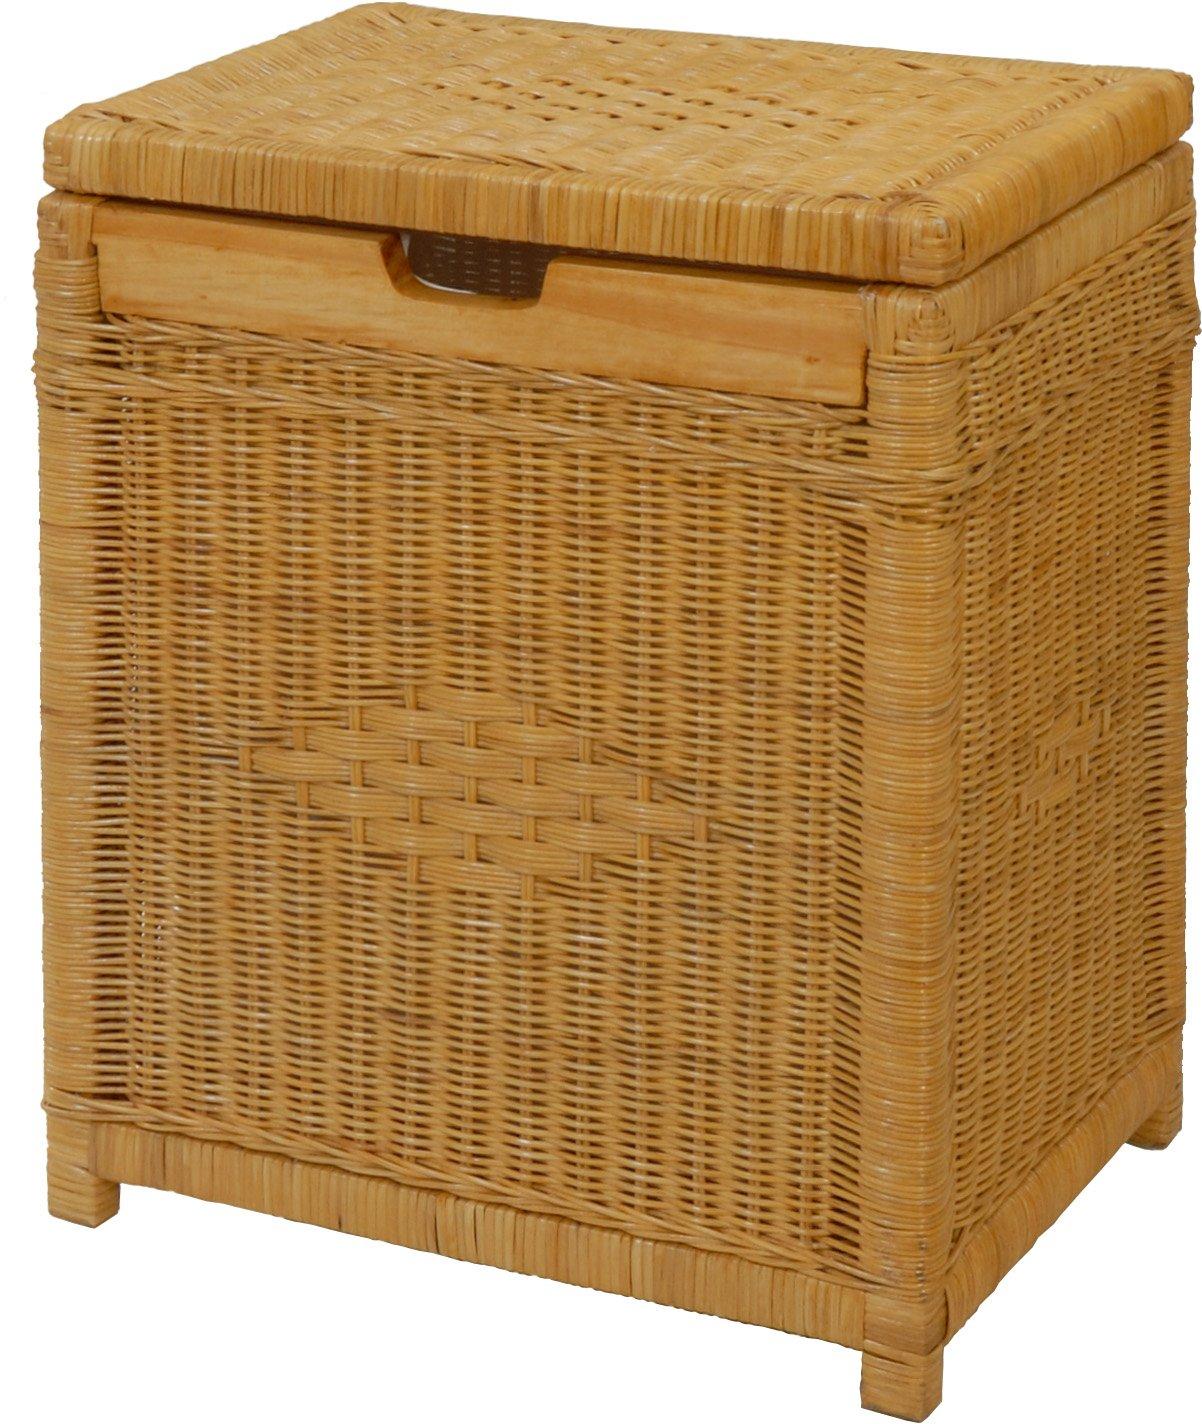 Wäschekorb mit Holzrahmen aus Rattan, Honig - Versandkostenfrei in DE